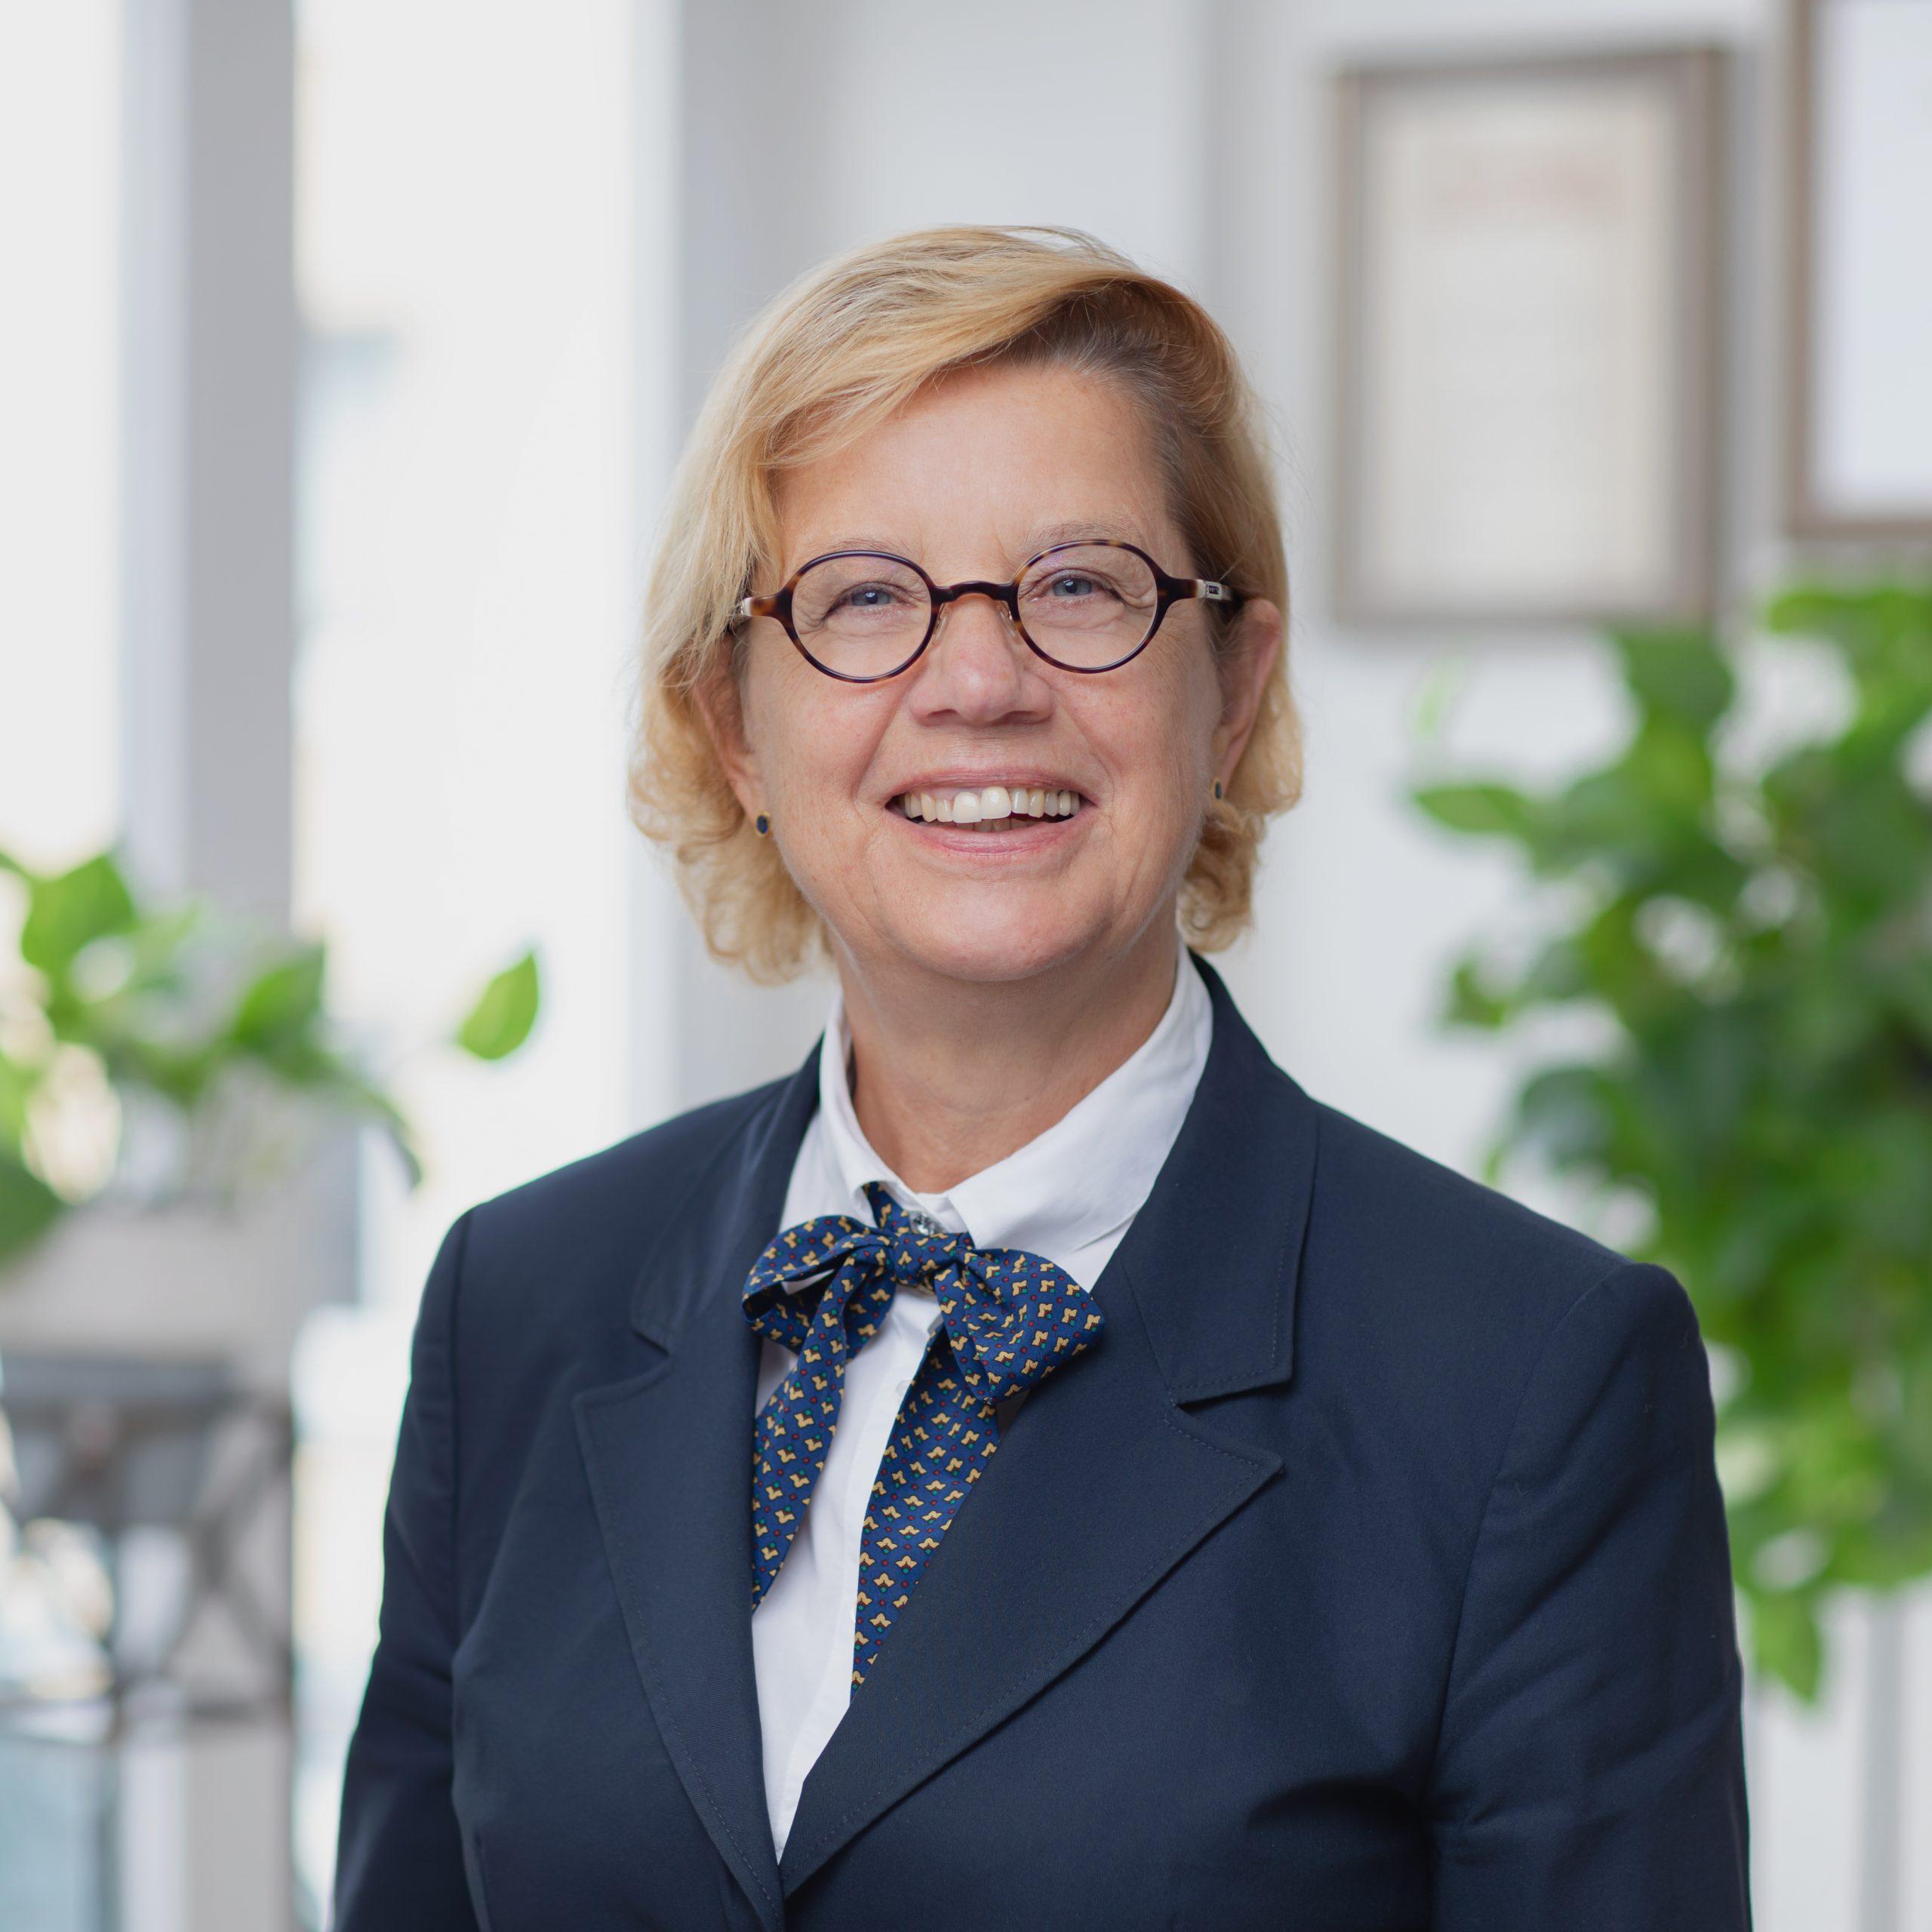 Sigrid Sprenker